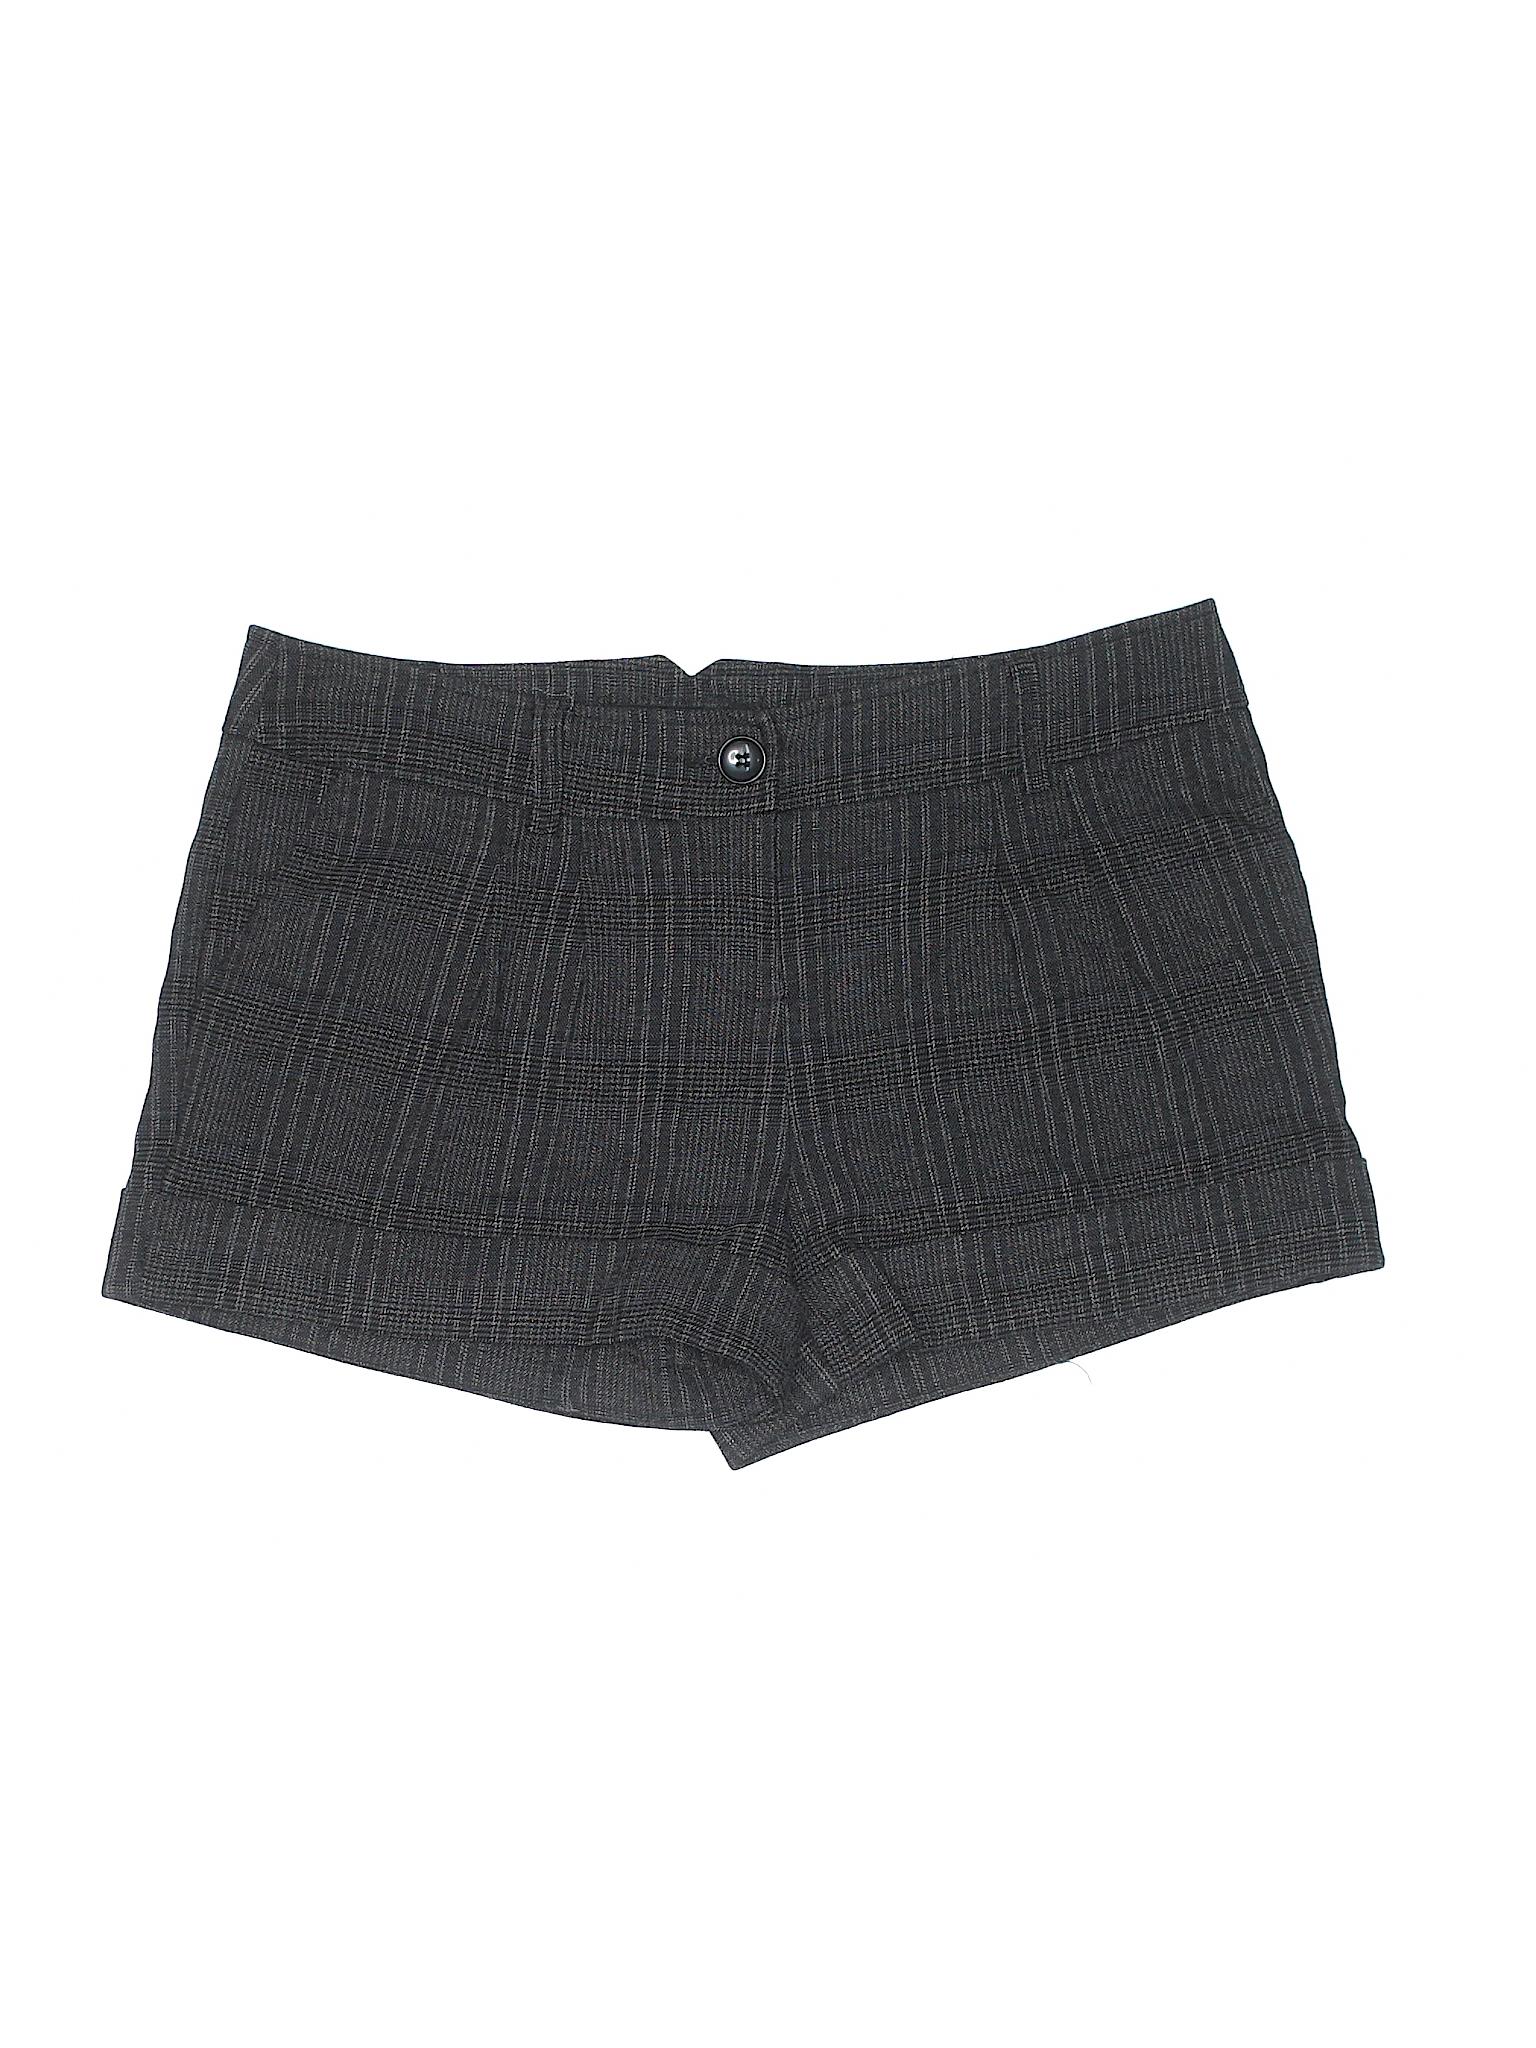 21 Boutique Shorts Forever Forever Boutique 21 Shorts Forever 21 Boutique qwwFHtSx